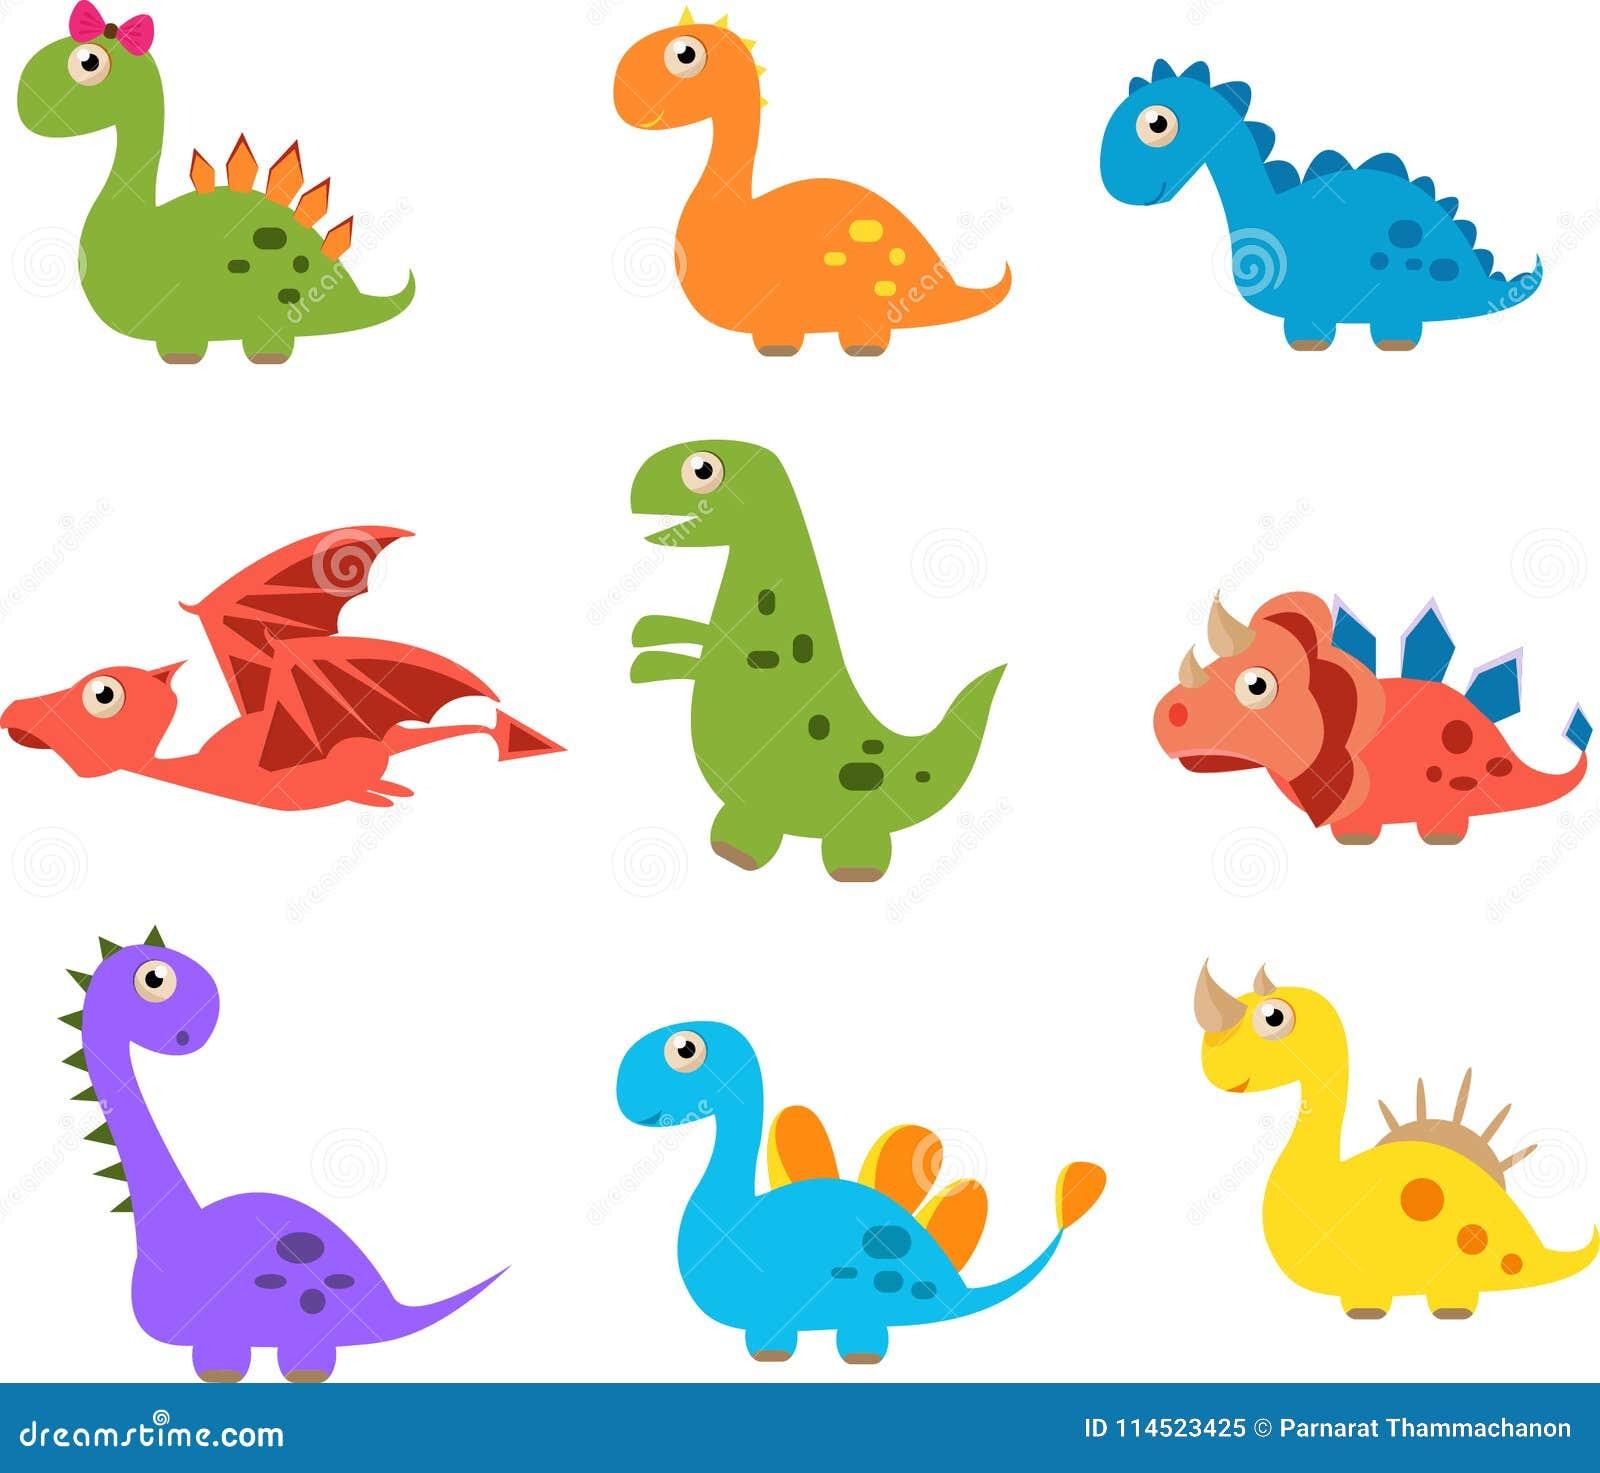 Dinosaurios Lindos Aislados En El Fondo Blanco Stock De Ilustracion Ilustracion De Lindos Blanco 114523425 Los diseñadores también han selecionado estas ilustraciones de stock. https es dreamstime com dinosaurios lindos aislados en el fondo blanco image114523425